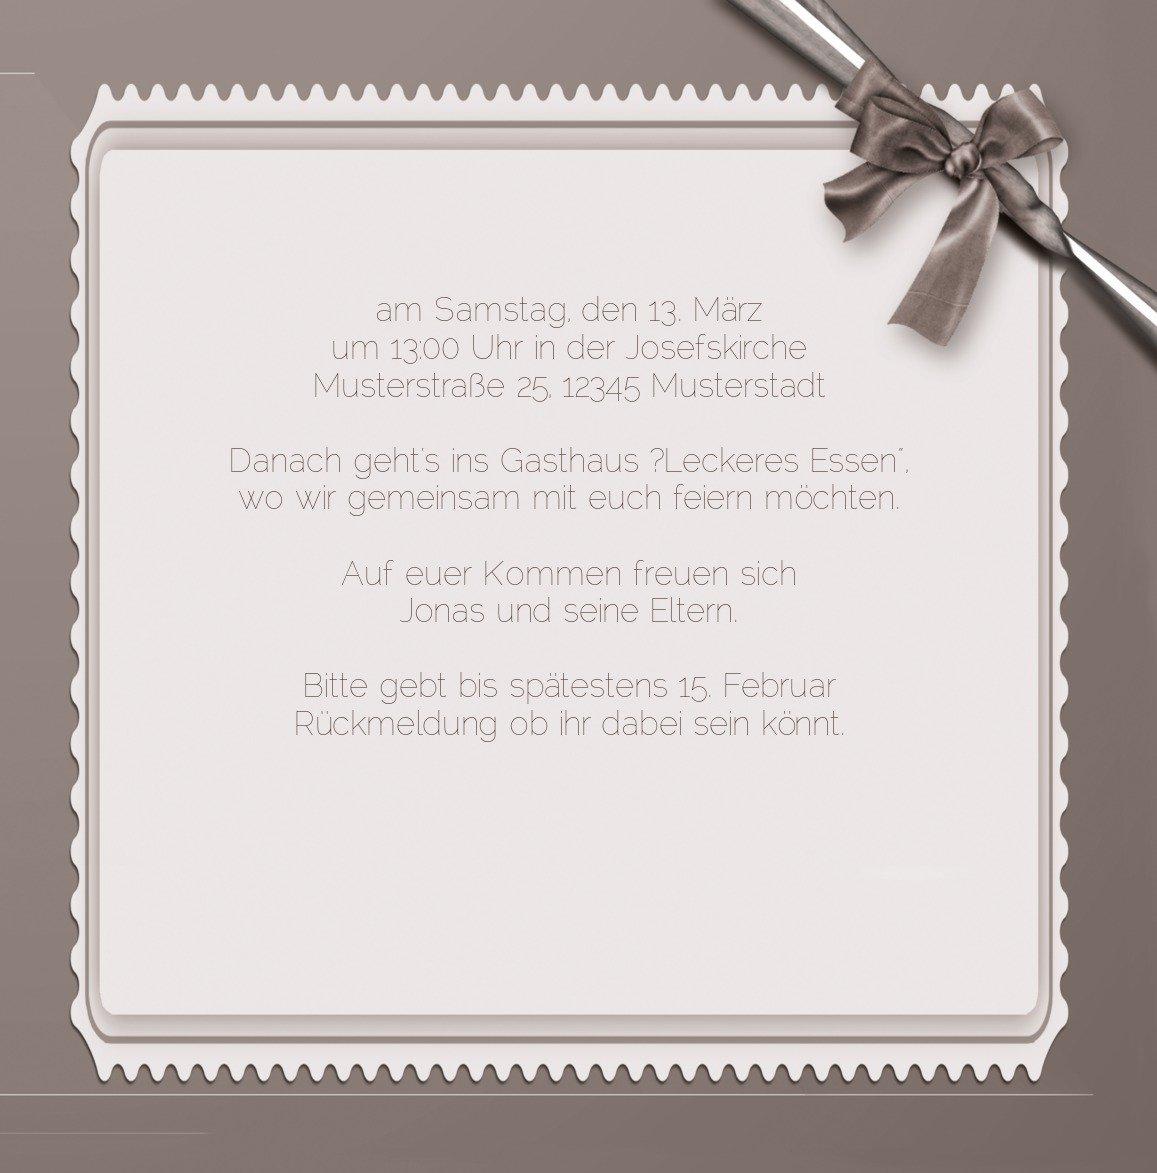 Kartenparadies Einladungskarte Taufeinladung Taufkarte Ribbon, Ribbon, Ribbon, hochwertige Einladung zur Taufe inklusive Umschläge   10 Karten - (Format  145x145 mm) Farbe  Rosalila B01N16WILP | Gewinnen Sie das Lob der Kunden  | Zu einem erschwinglichen Preis  |  c9302d